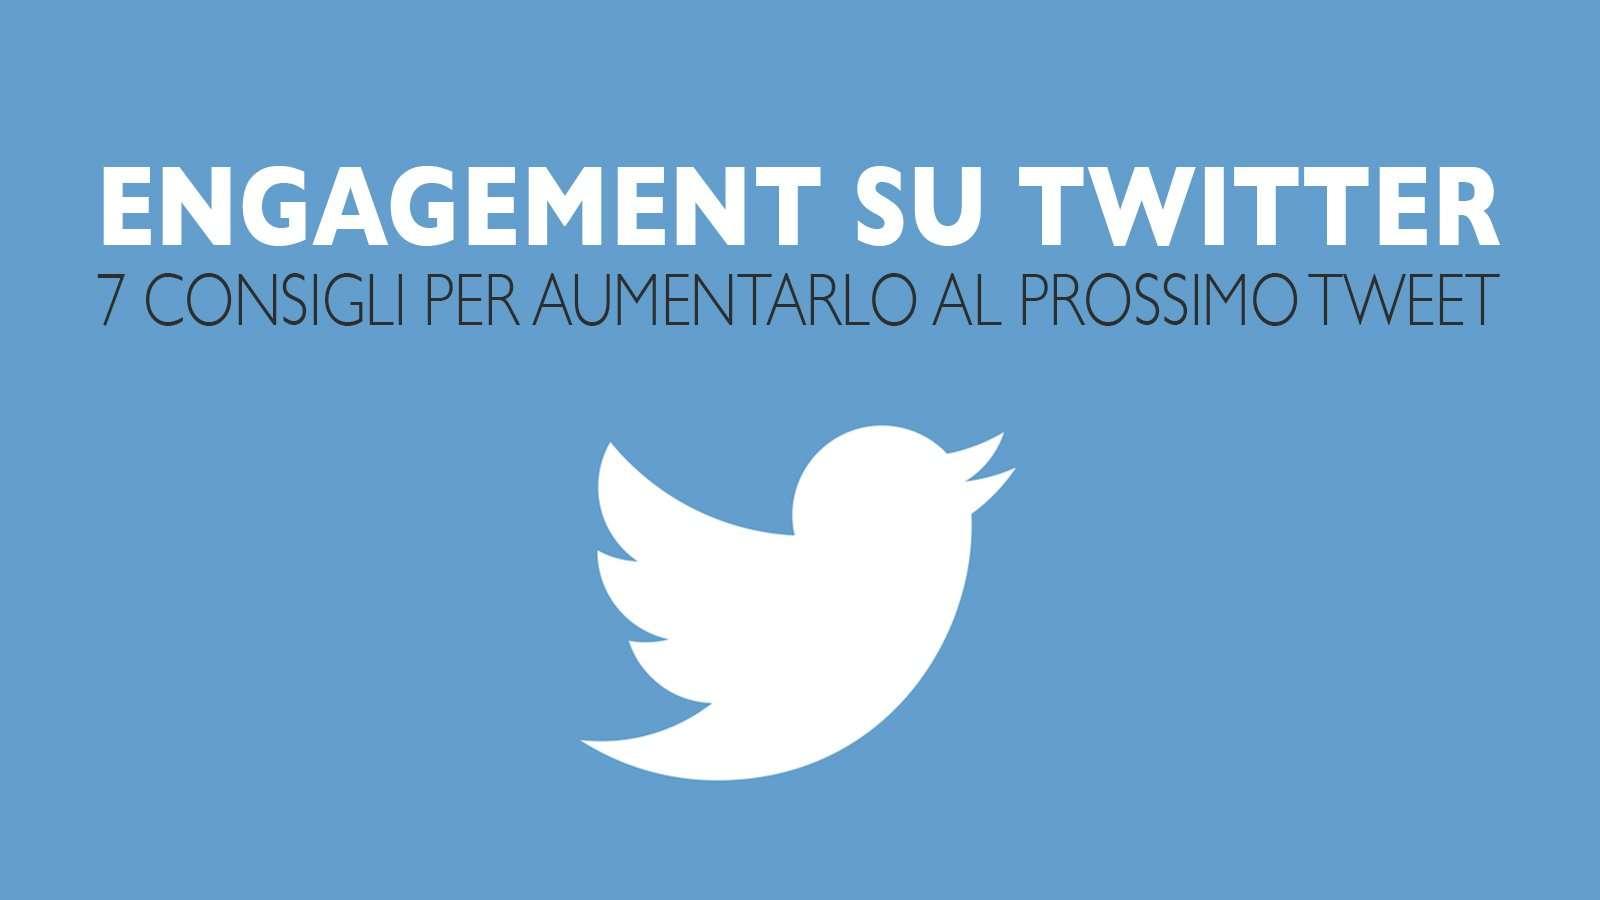 engagement twitter